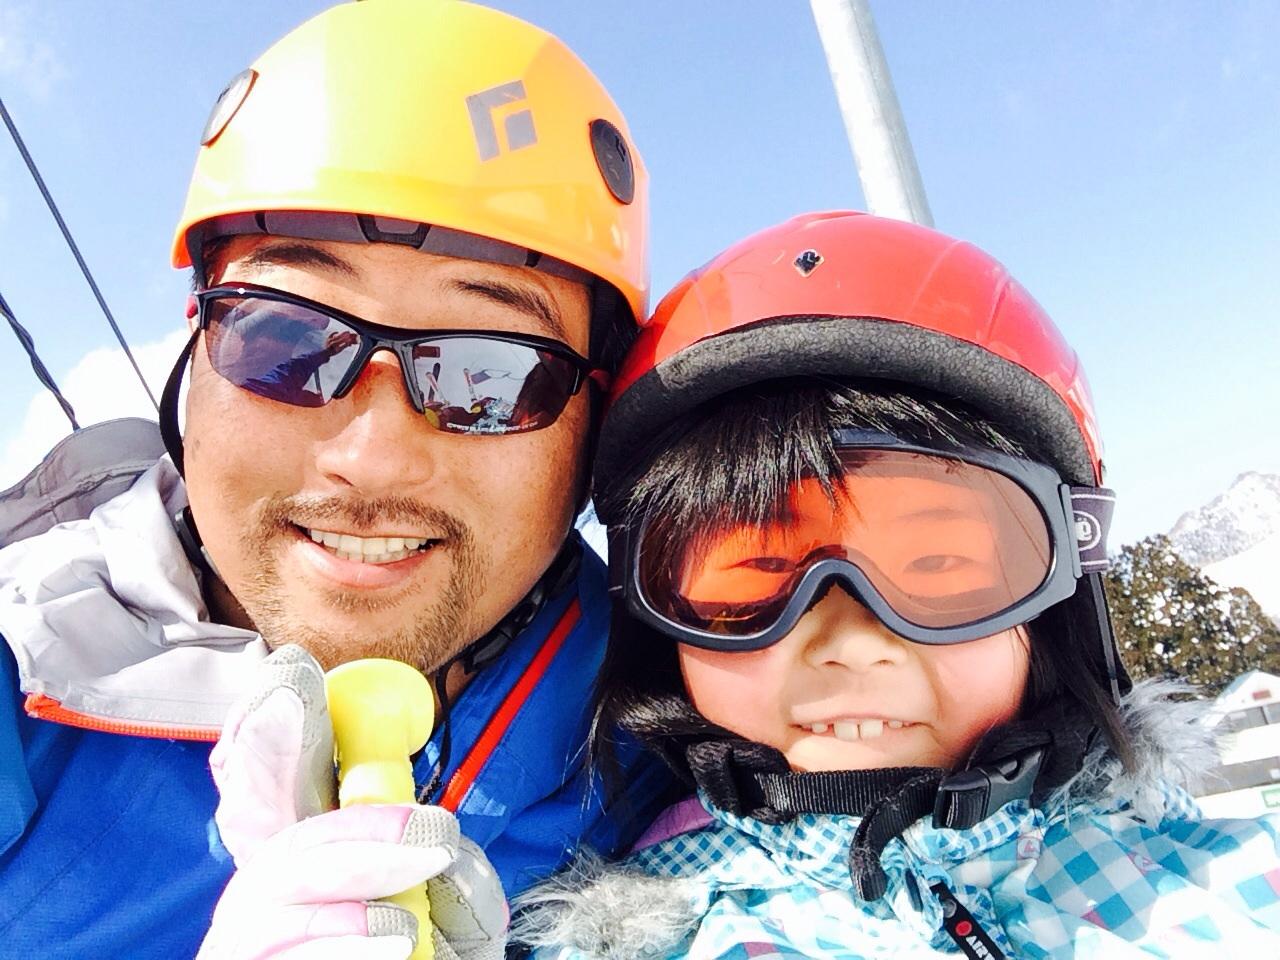 まだまだ春スキーを楽しみましょー!!_f0101226_00333494.jpg